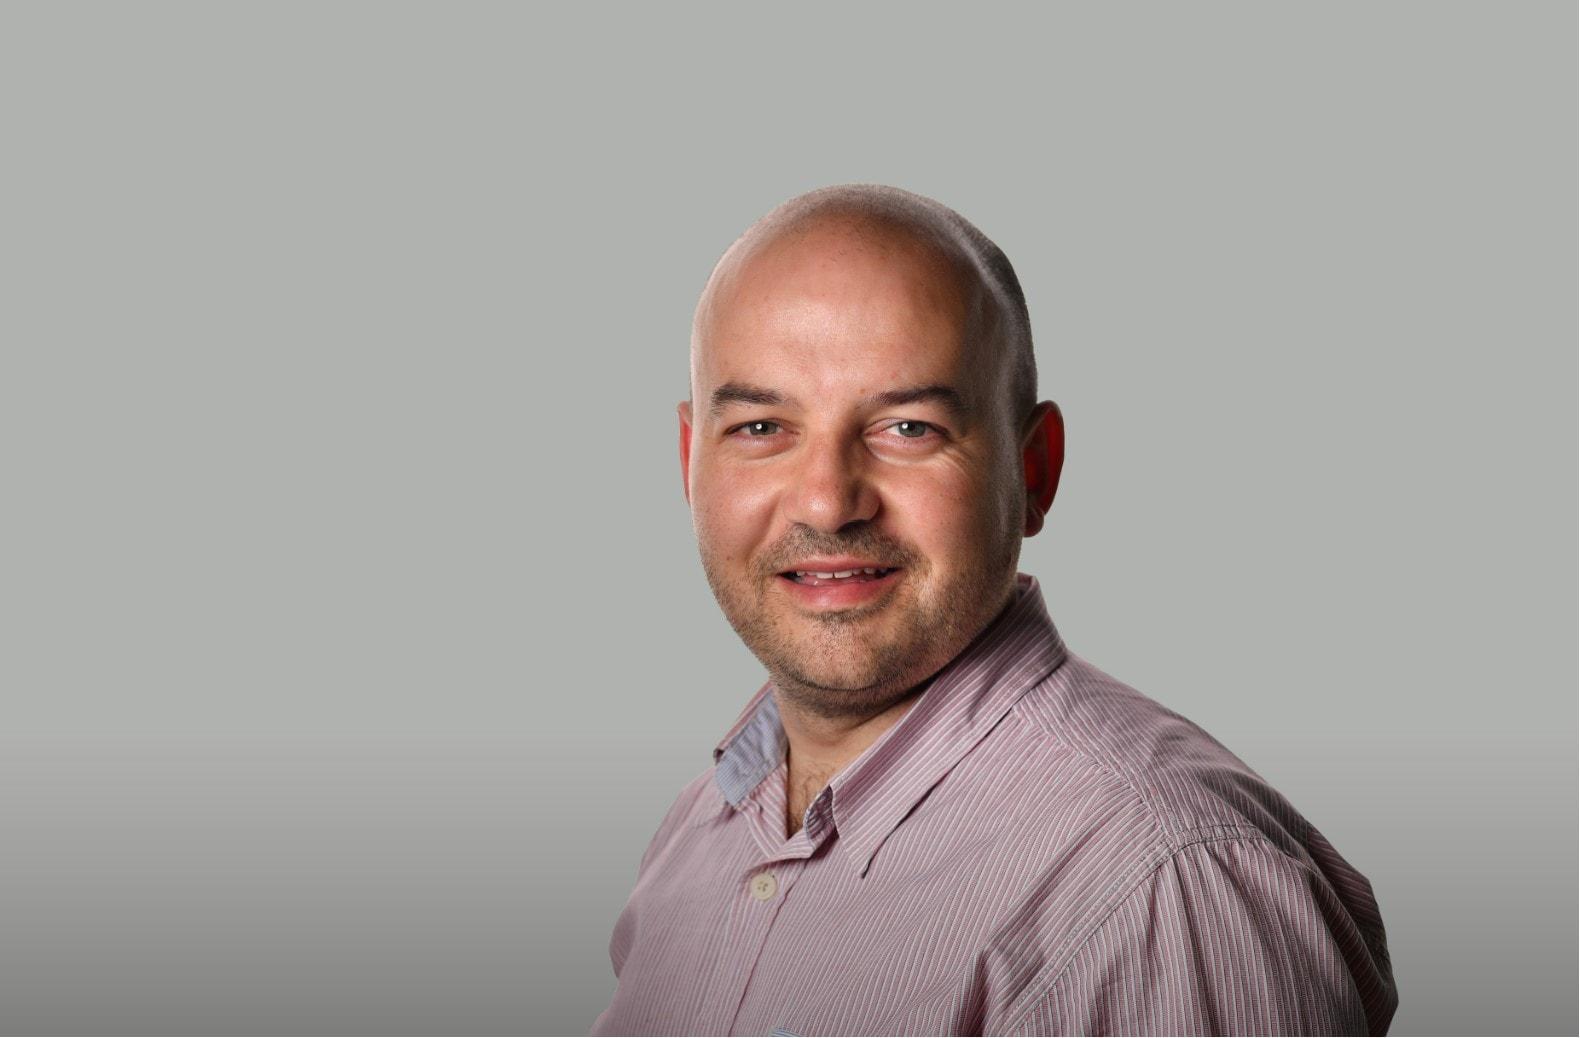 Unternehmenskultur: Warum sie so wichtig ist Fernando Vilas